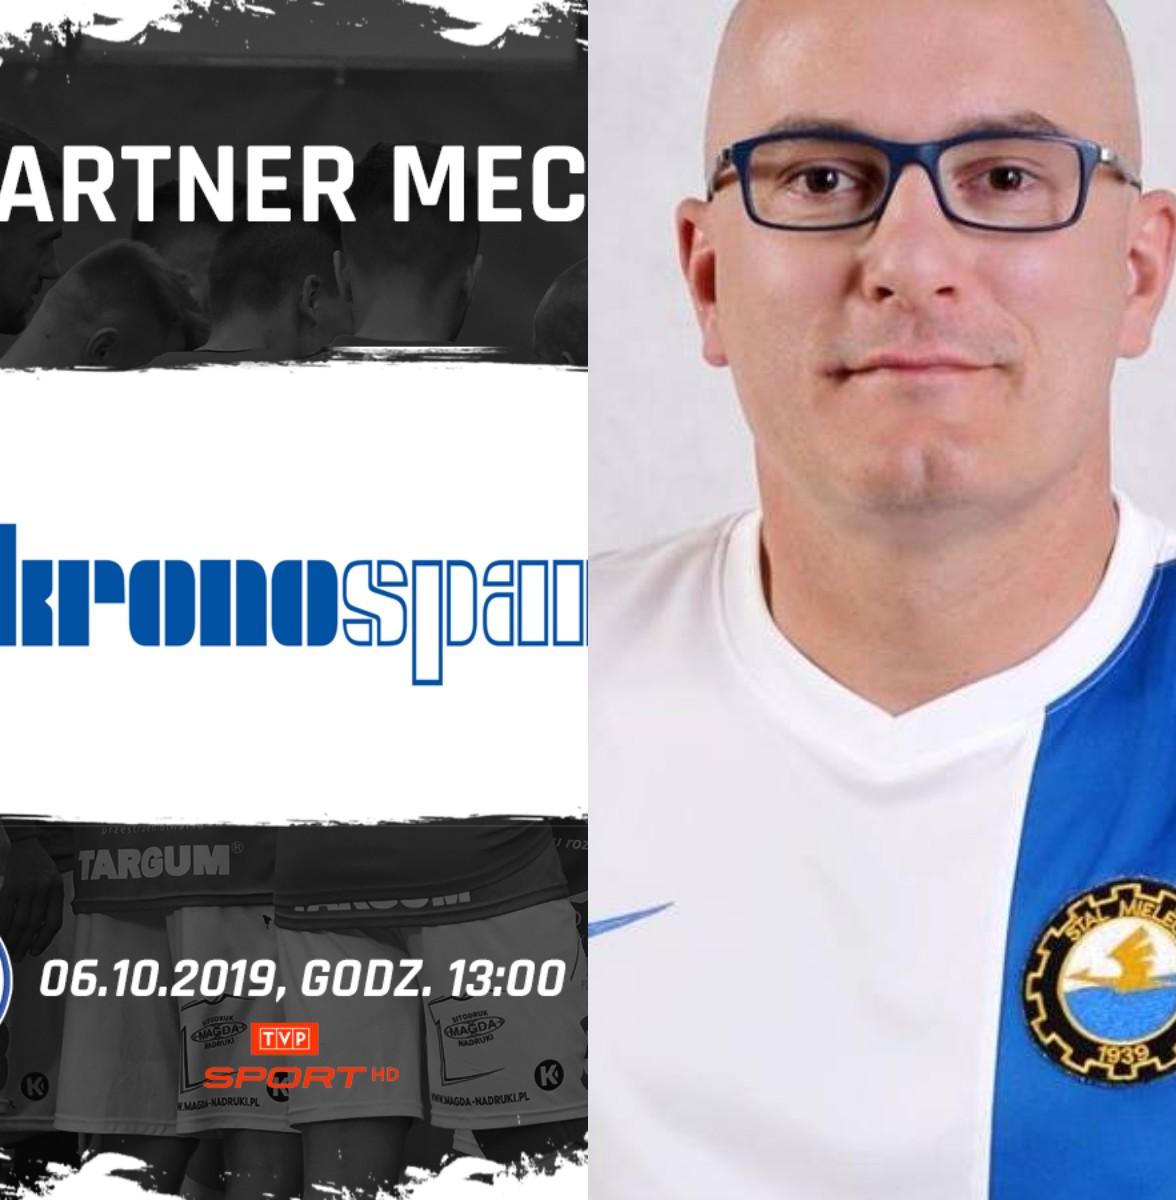 Kronospan partnerem meczu SPR Stal Mielec. Stanowcza reakcja radnego Szczerby - Zdjęcie główne